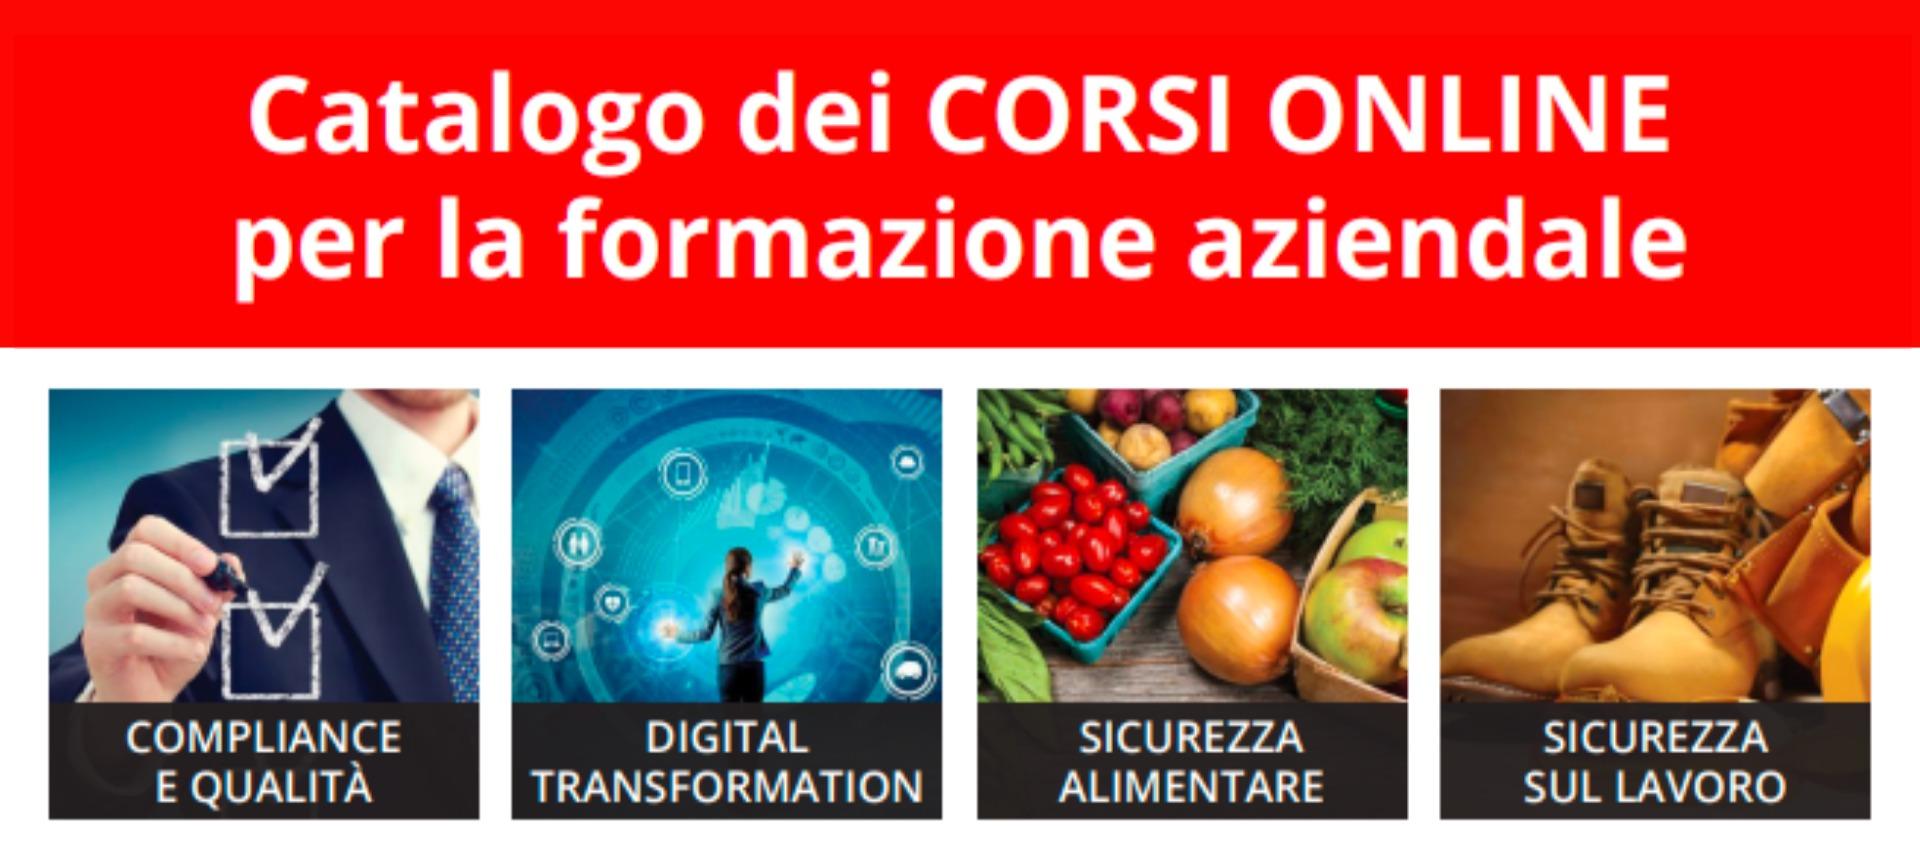 News Socio Confindustria Brescia - Online il nuovo catalogo interattivo dei corsi eLearning di Mega Italia Media